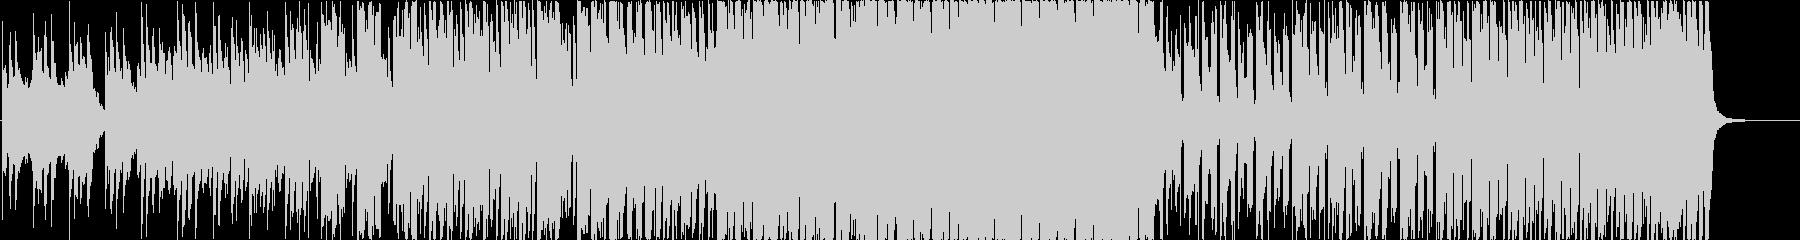 朝をイメージしたEDM系BGMの未再生の波形